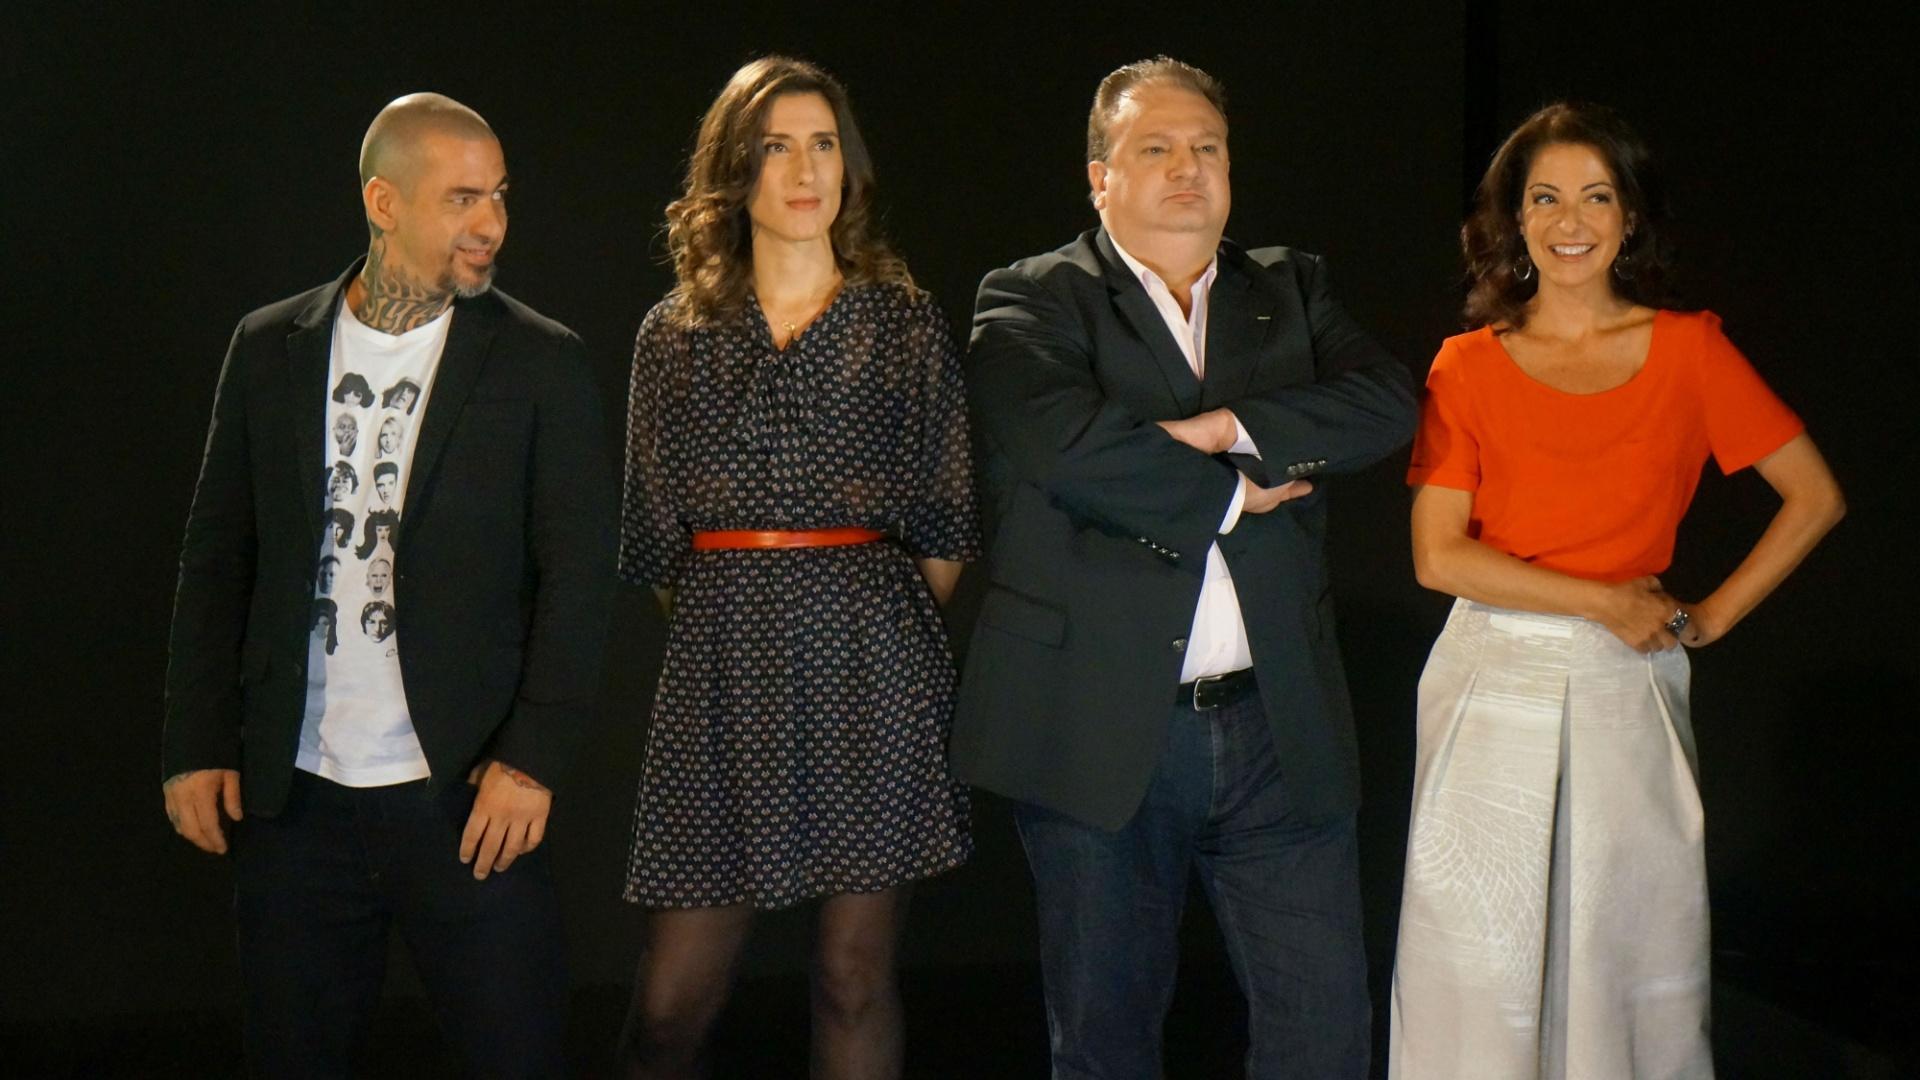 Ana Paula Padrão e os jurados do